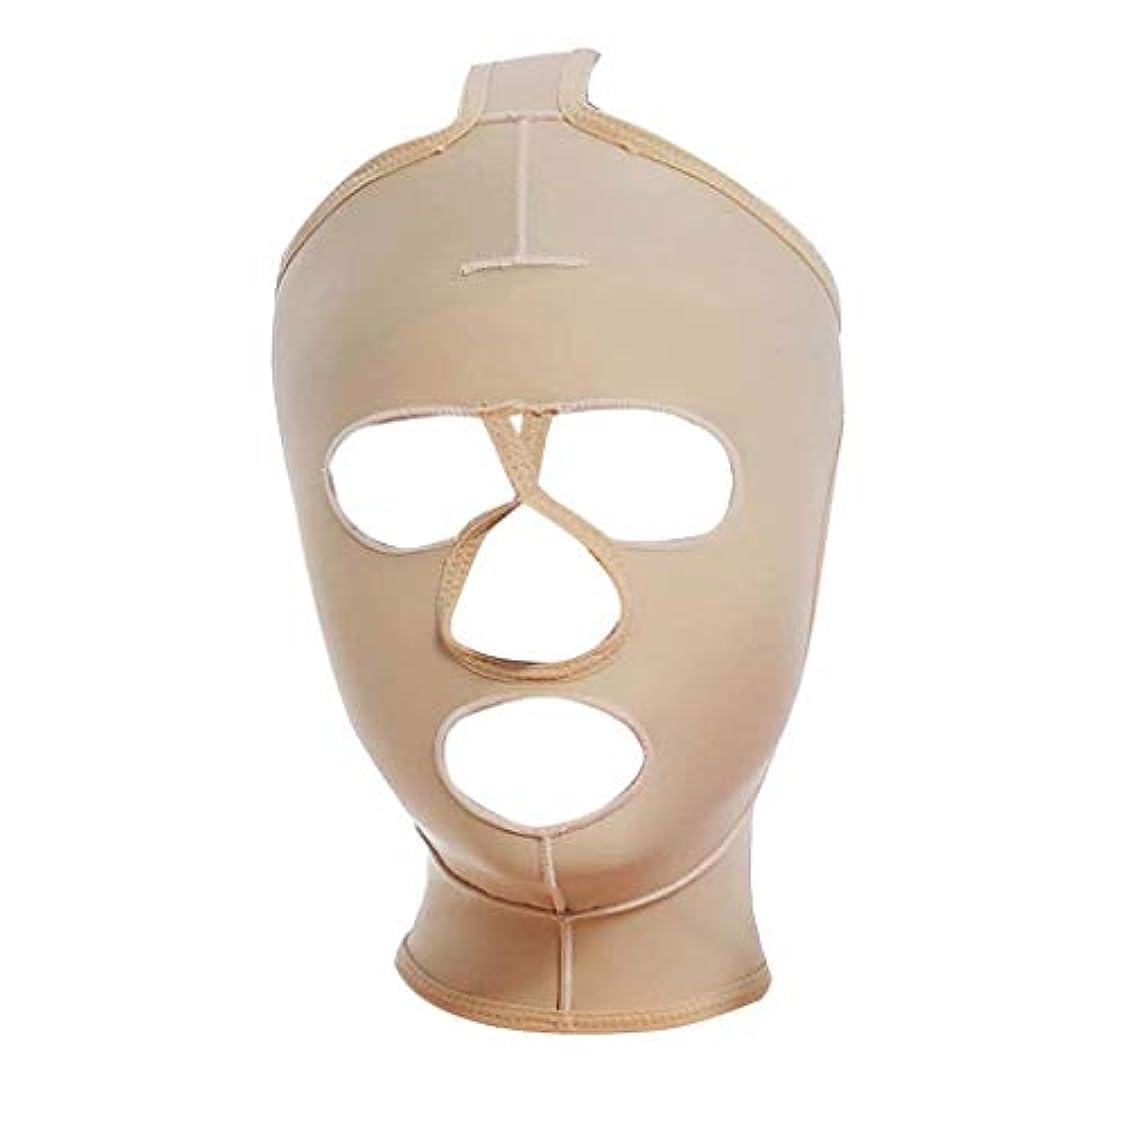 管理者火傷補助金フェイスアンドネックリフト、減量フェイスマスク脂肪吸引術脂肪吸引術シェーピングマスクフードフェイスリフティングアーティファクトVフェイスビームフェイス弾性スリーブ(サイズ:S)